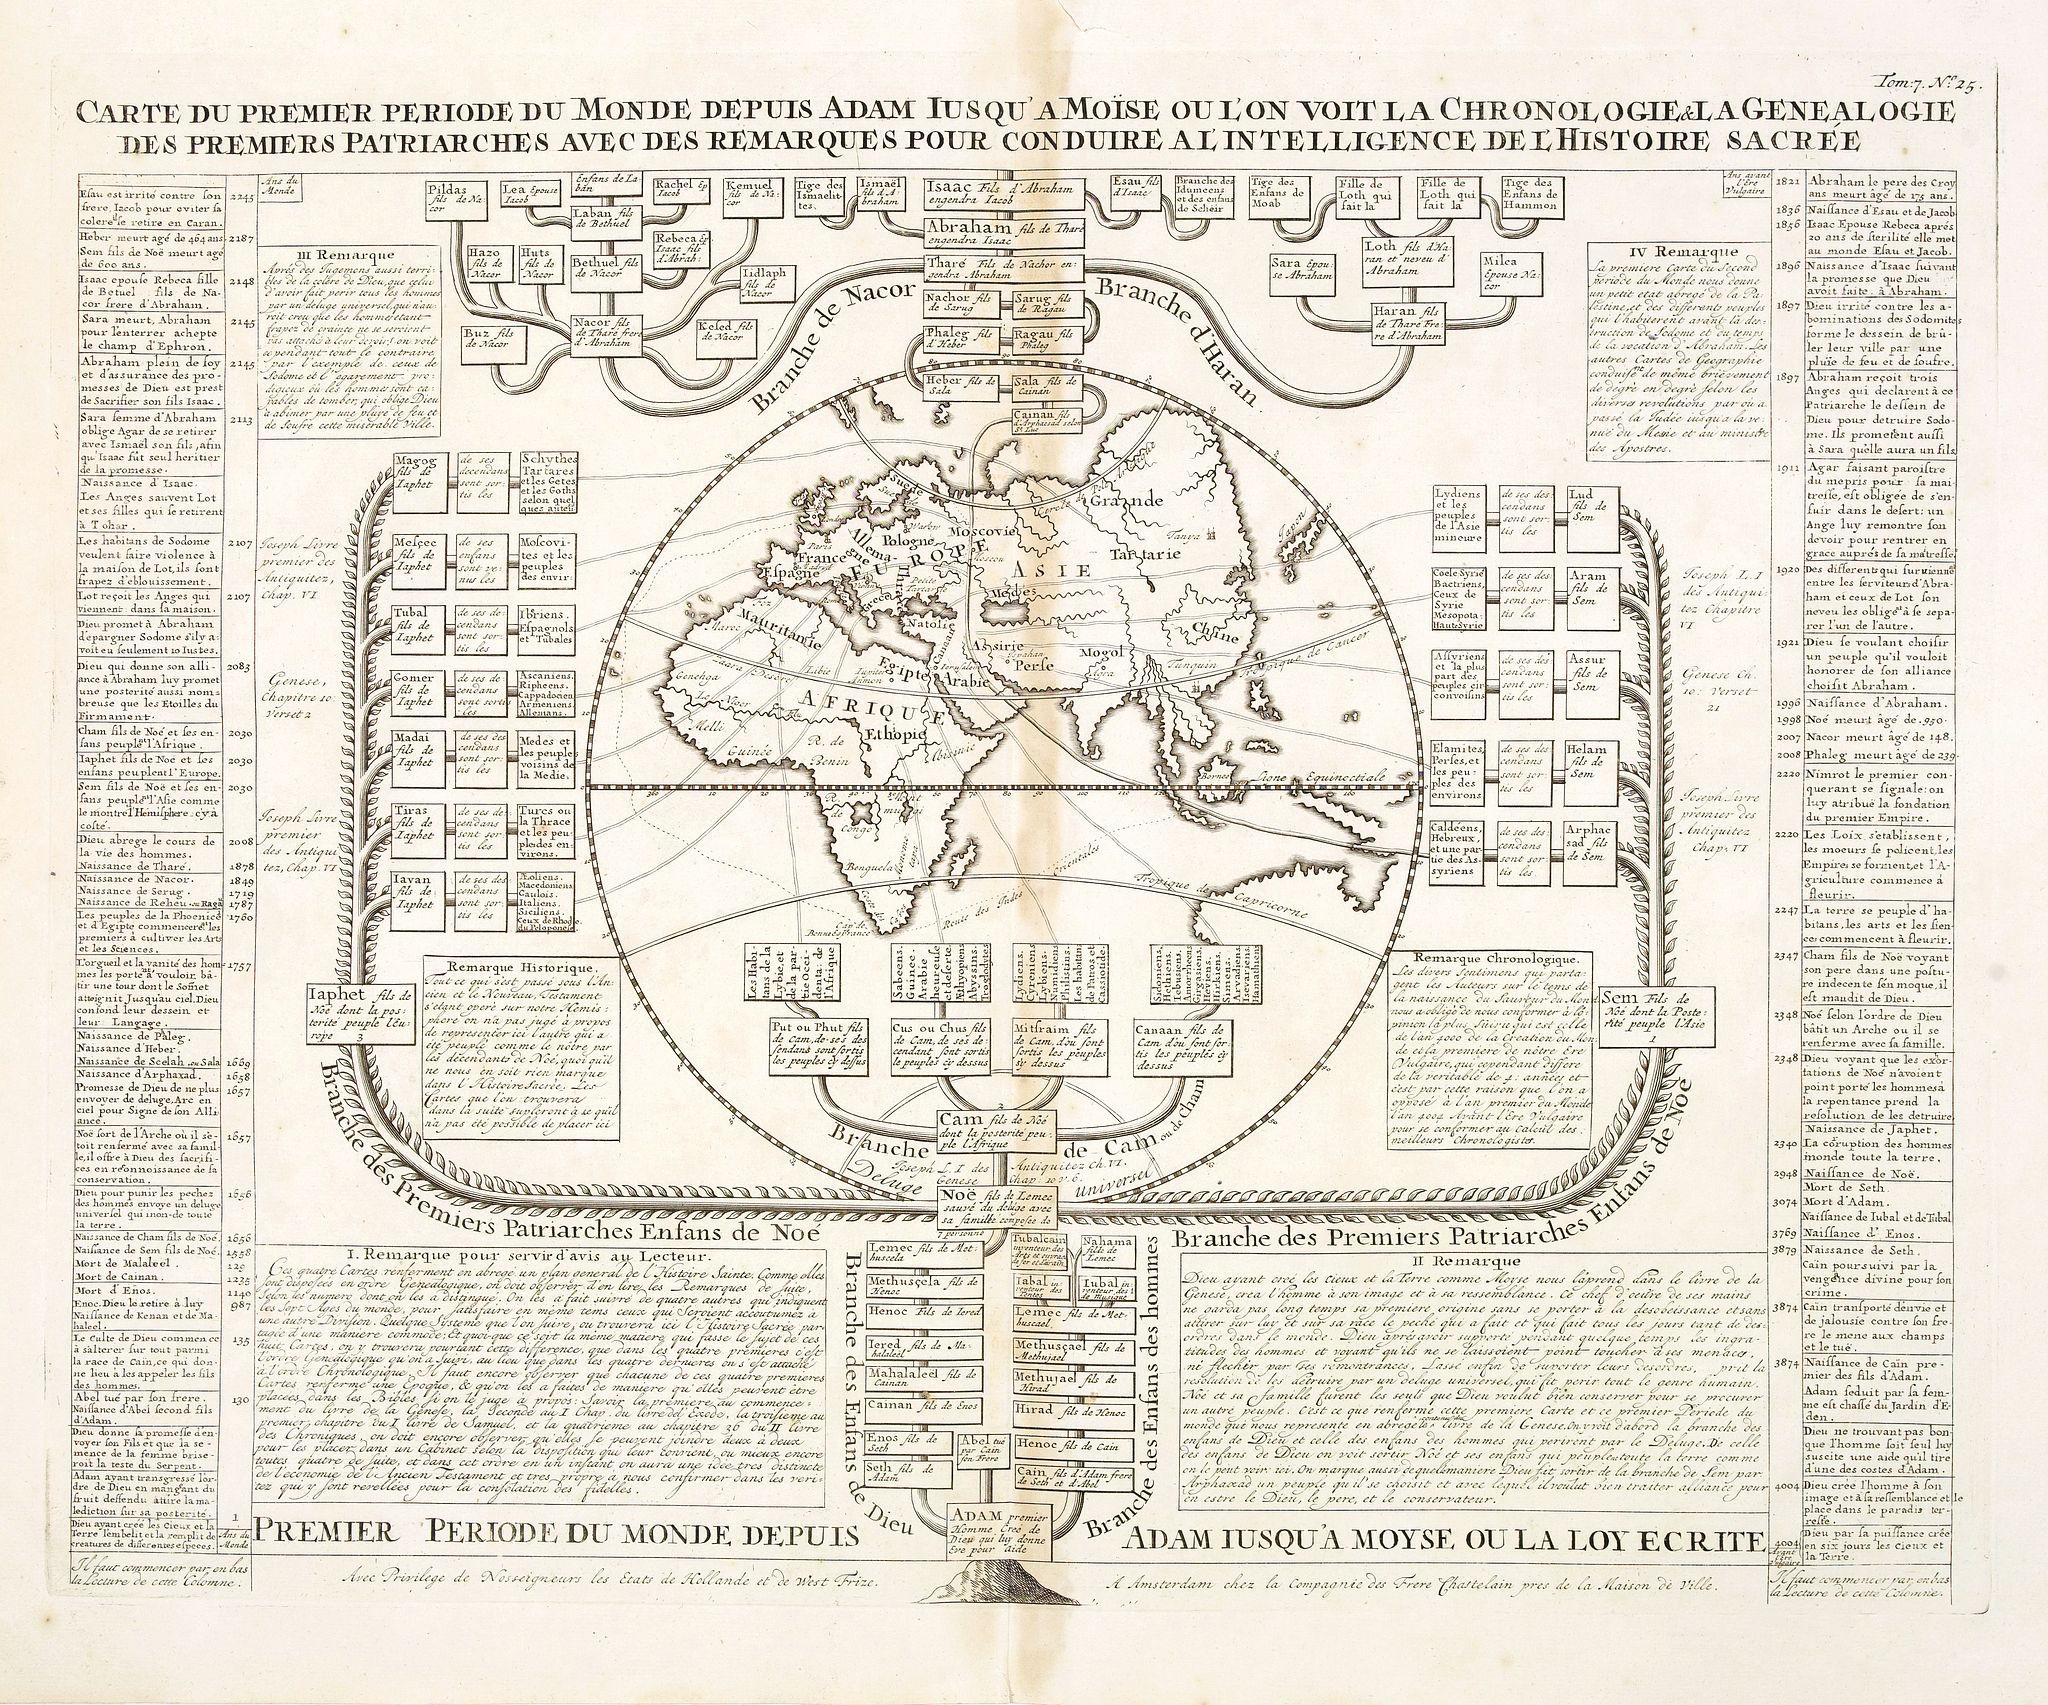 CHATELAIN, H. -  Carte du premier periode du Monde depuis Adam jusque' a Moise ou l'on voit la Chronologie & la genealogie des premeirs patriarches avec des remarques pour conduire a l' intelligence de l' Histoire sacree.